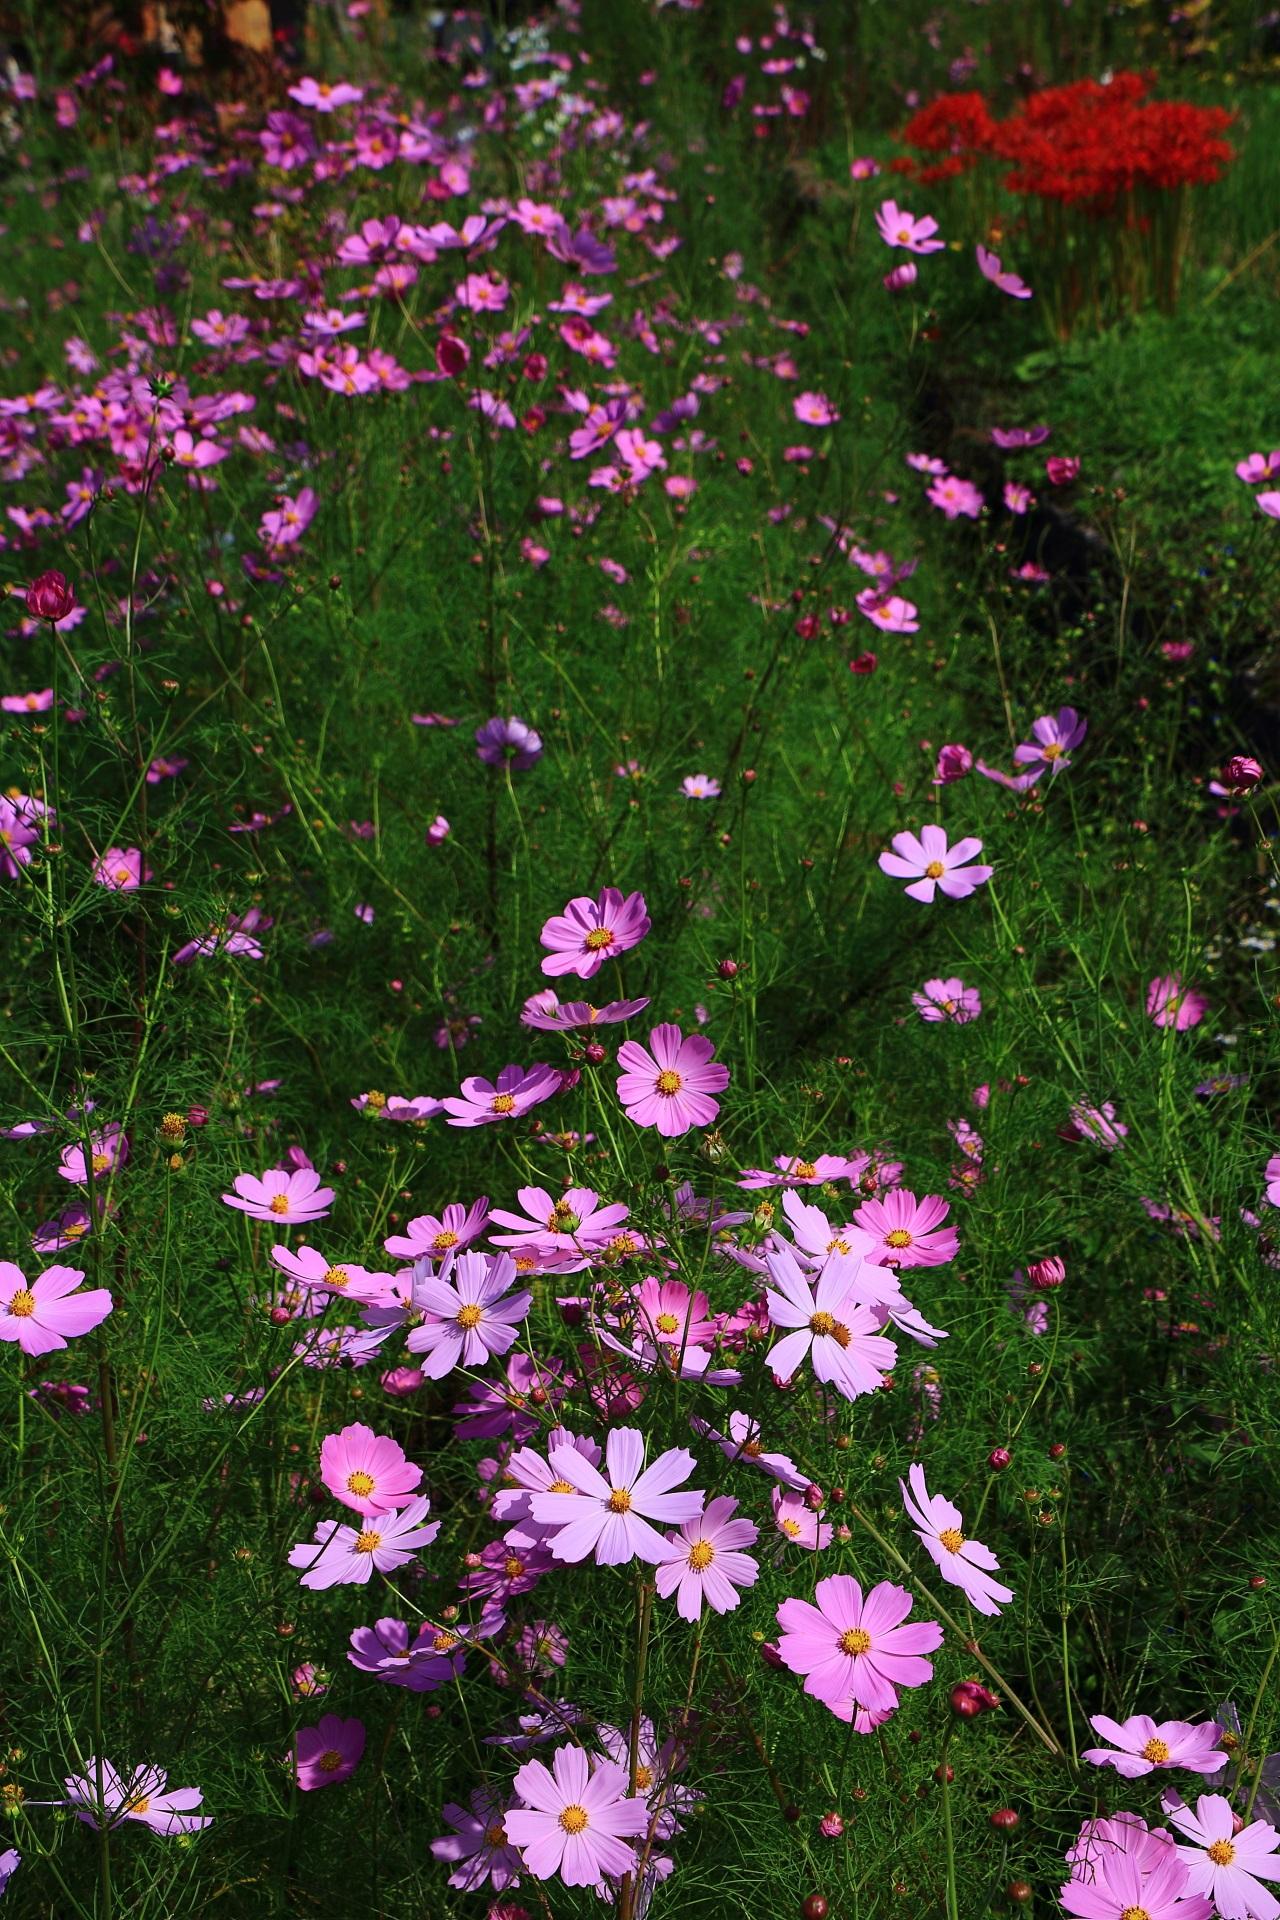 薄紫のコスモスと赤い彼岸花と緑の綺麗な色合い